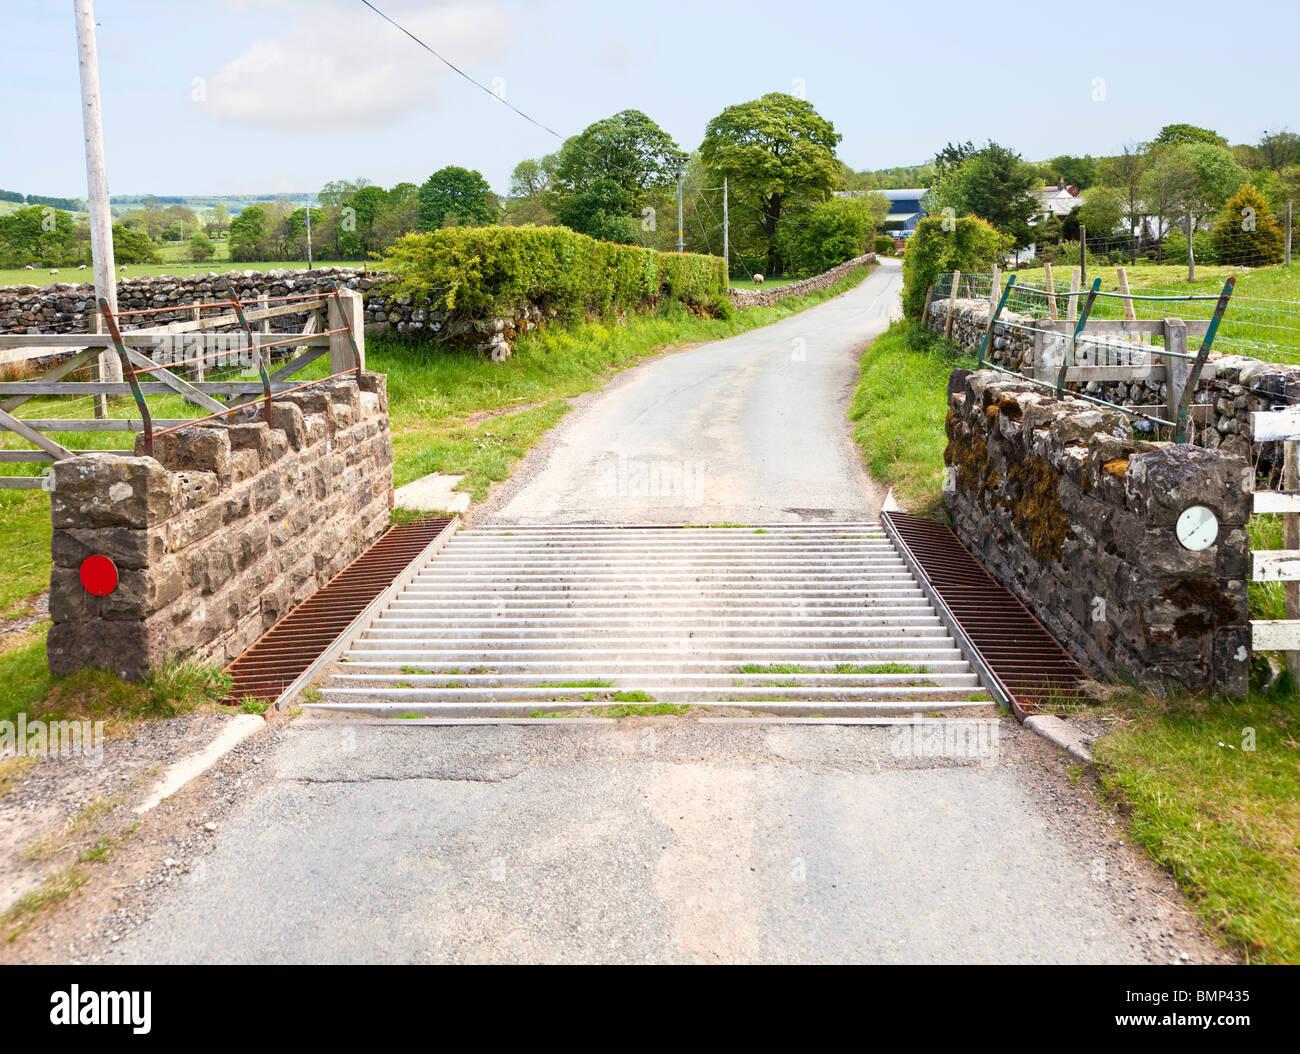 Grille des bovins, sur une route de campagne, England, UK Photo Stock